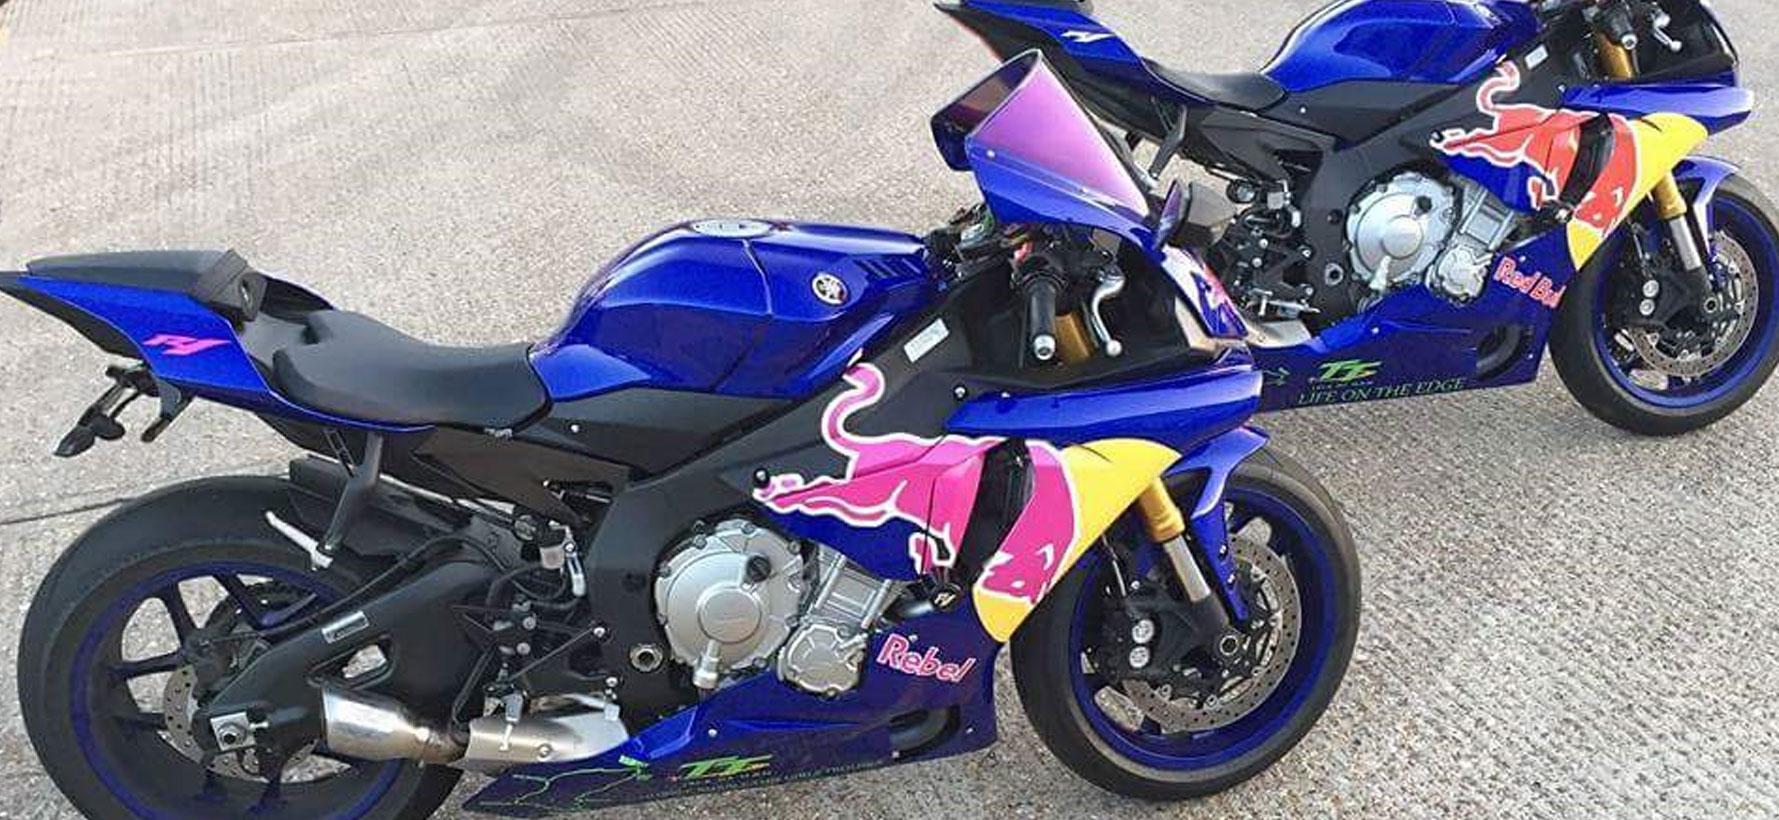 Redbull-Motorcycles